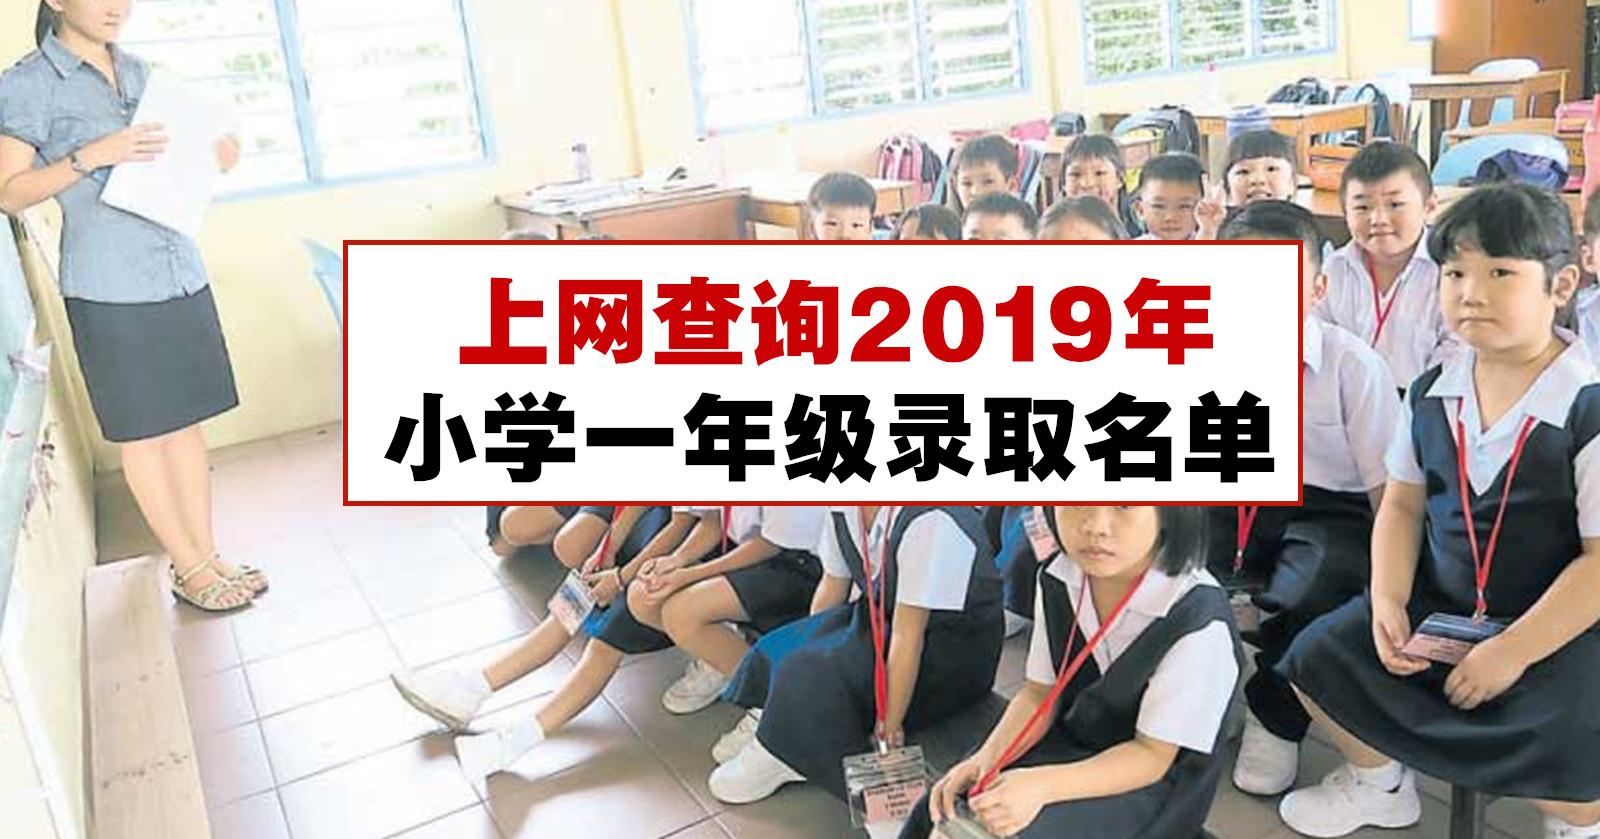 上网查询2019年小学一年级录取名单